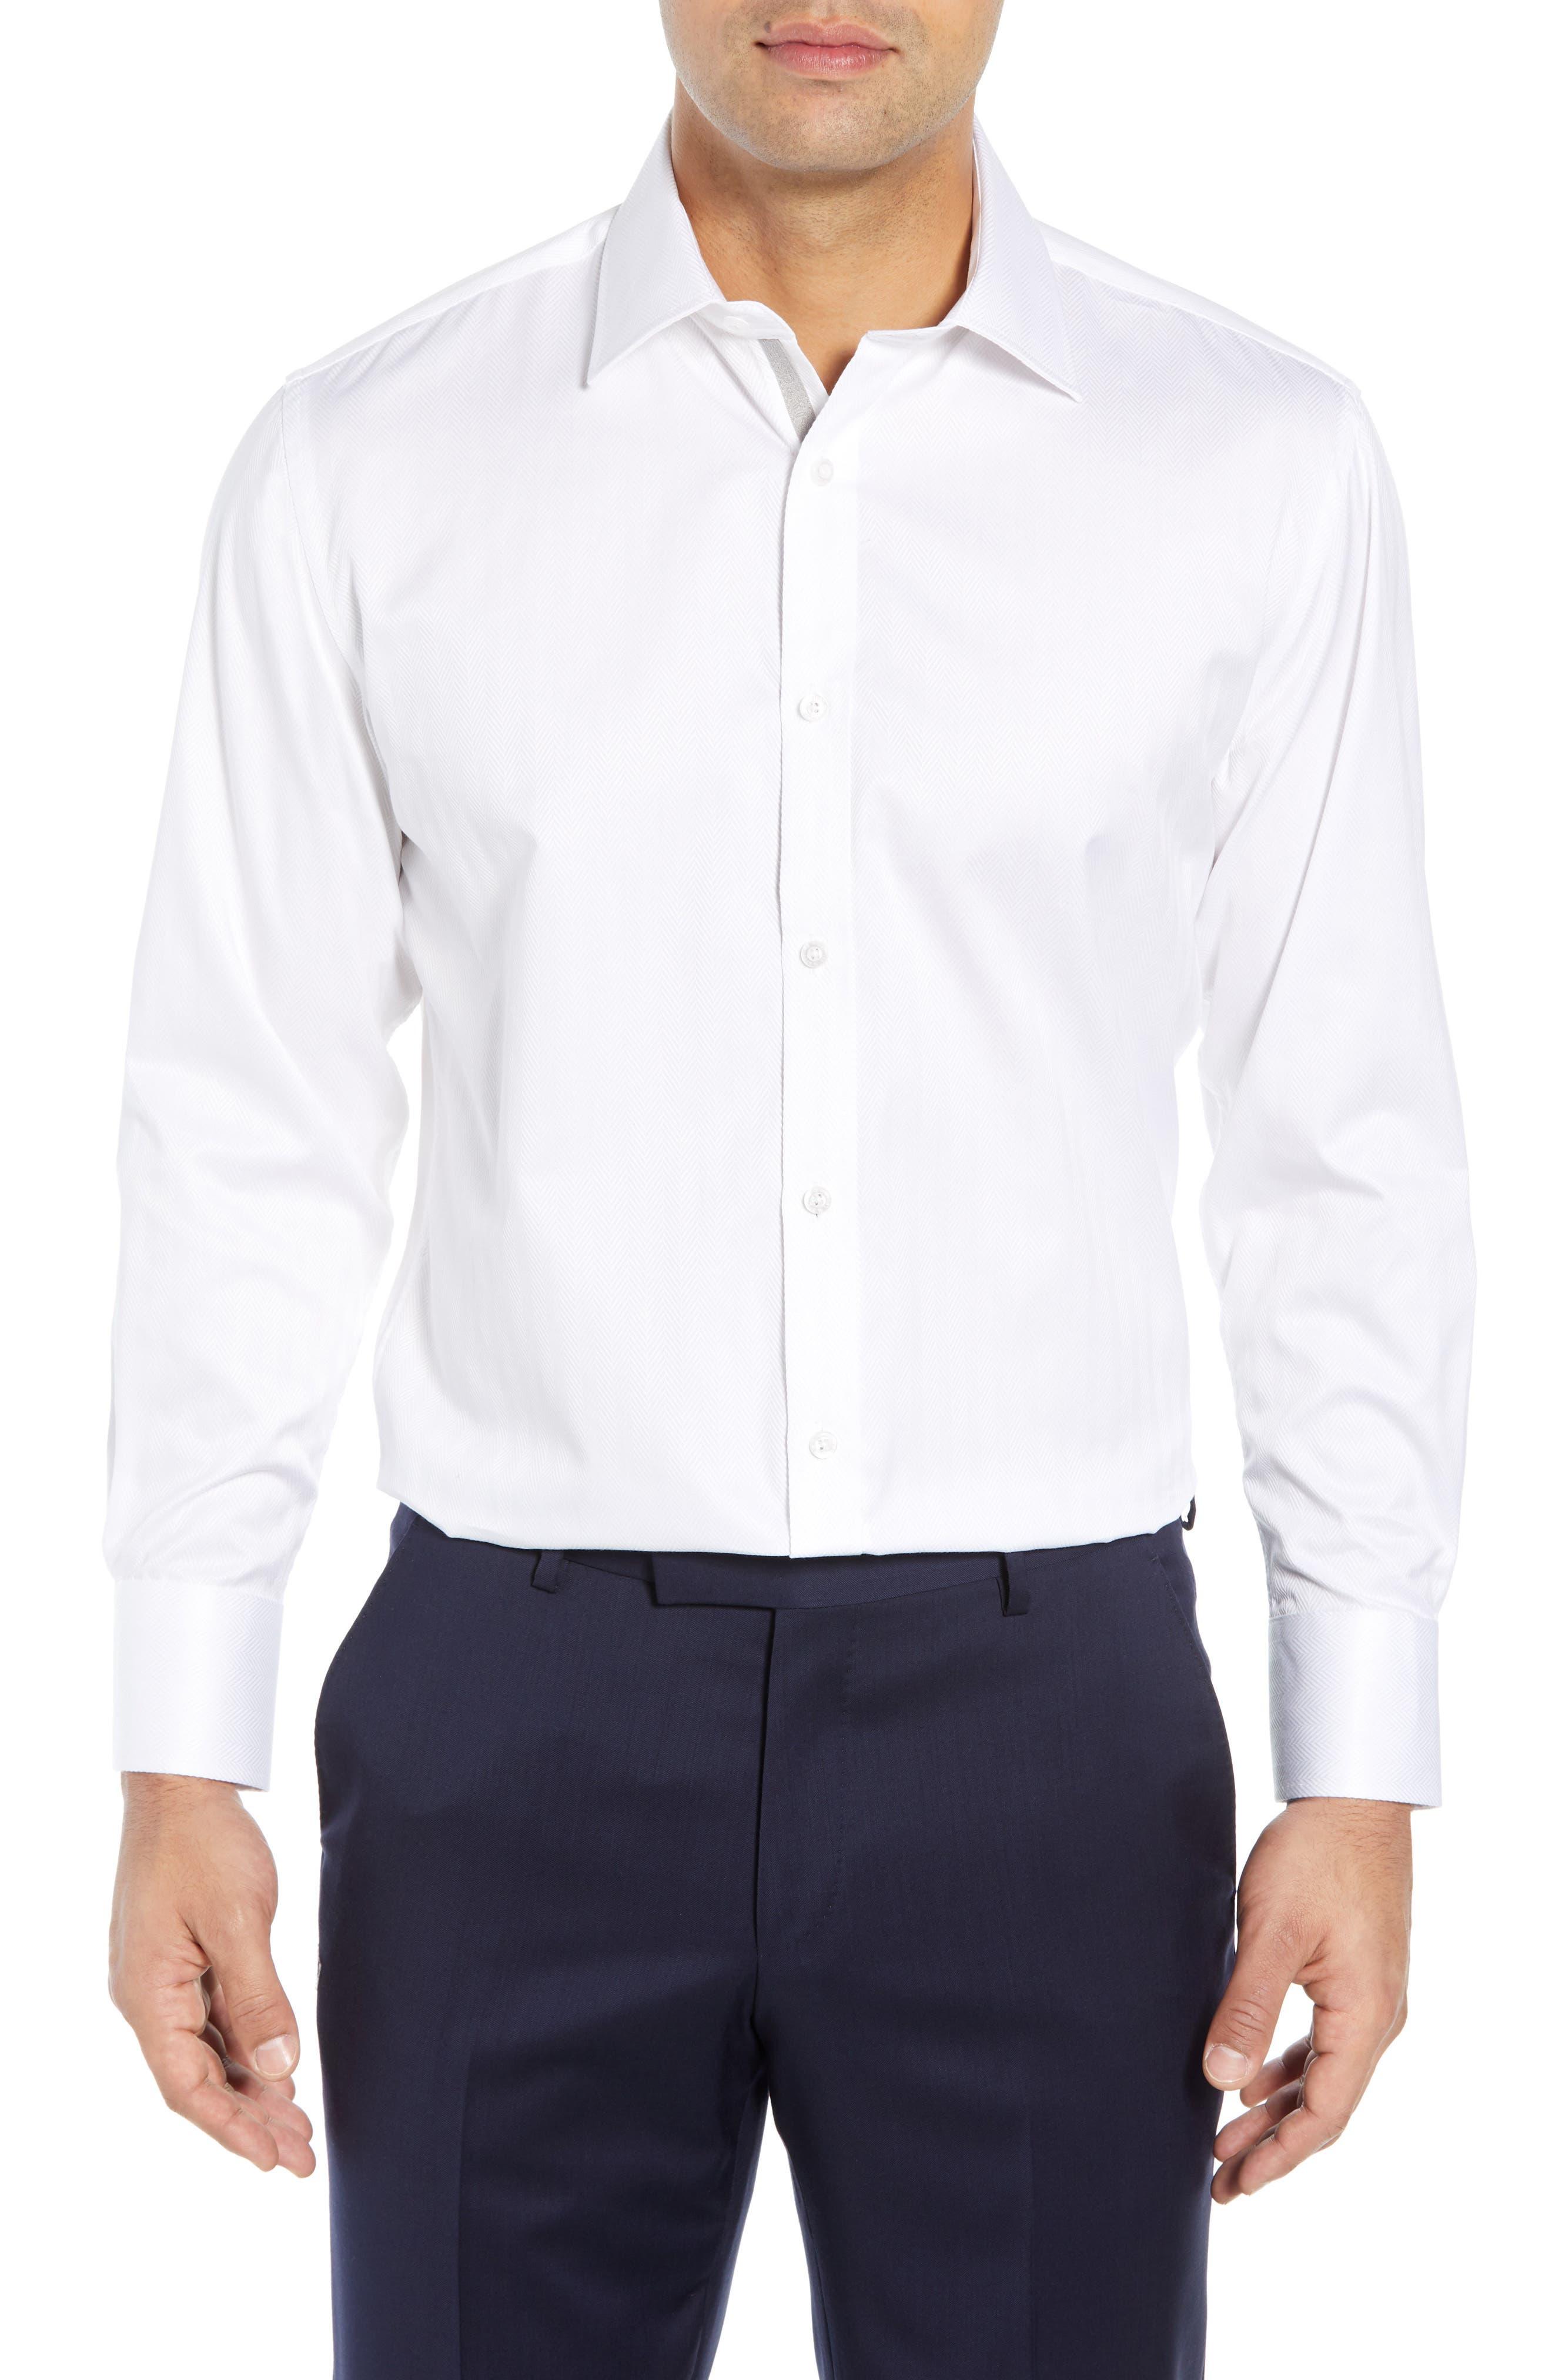 ENGLISH LAUNDRY Regular Fit Herringbone Dress Shirt in White